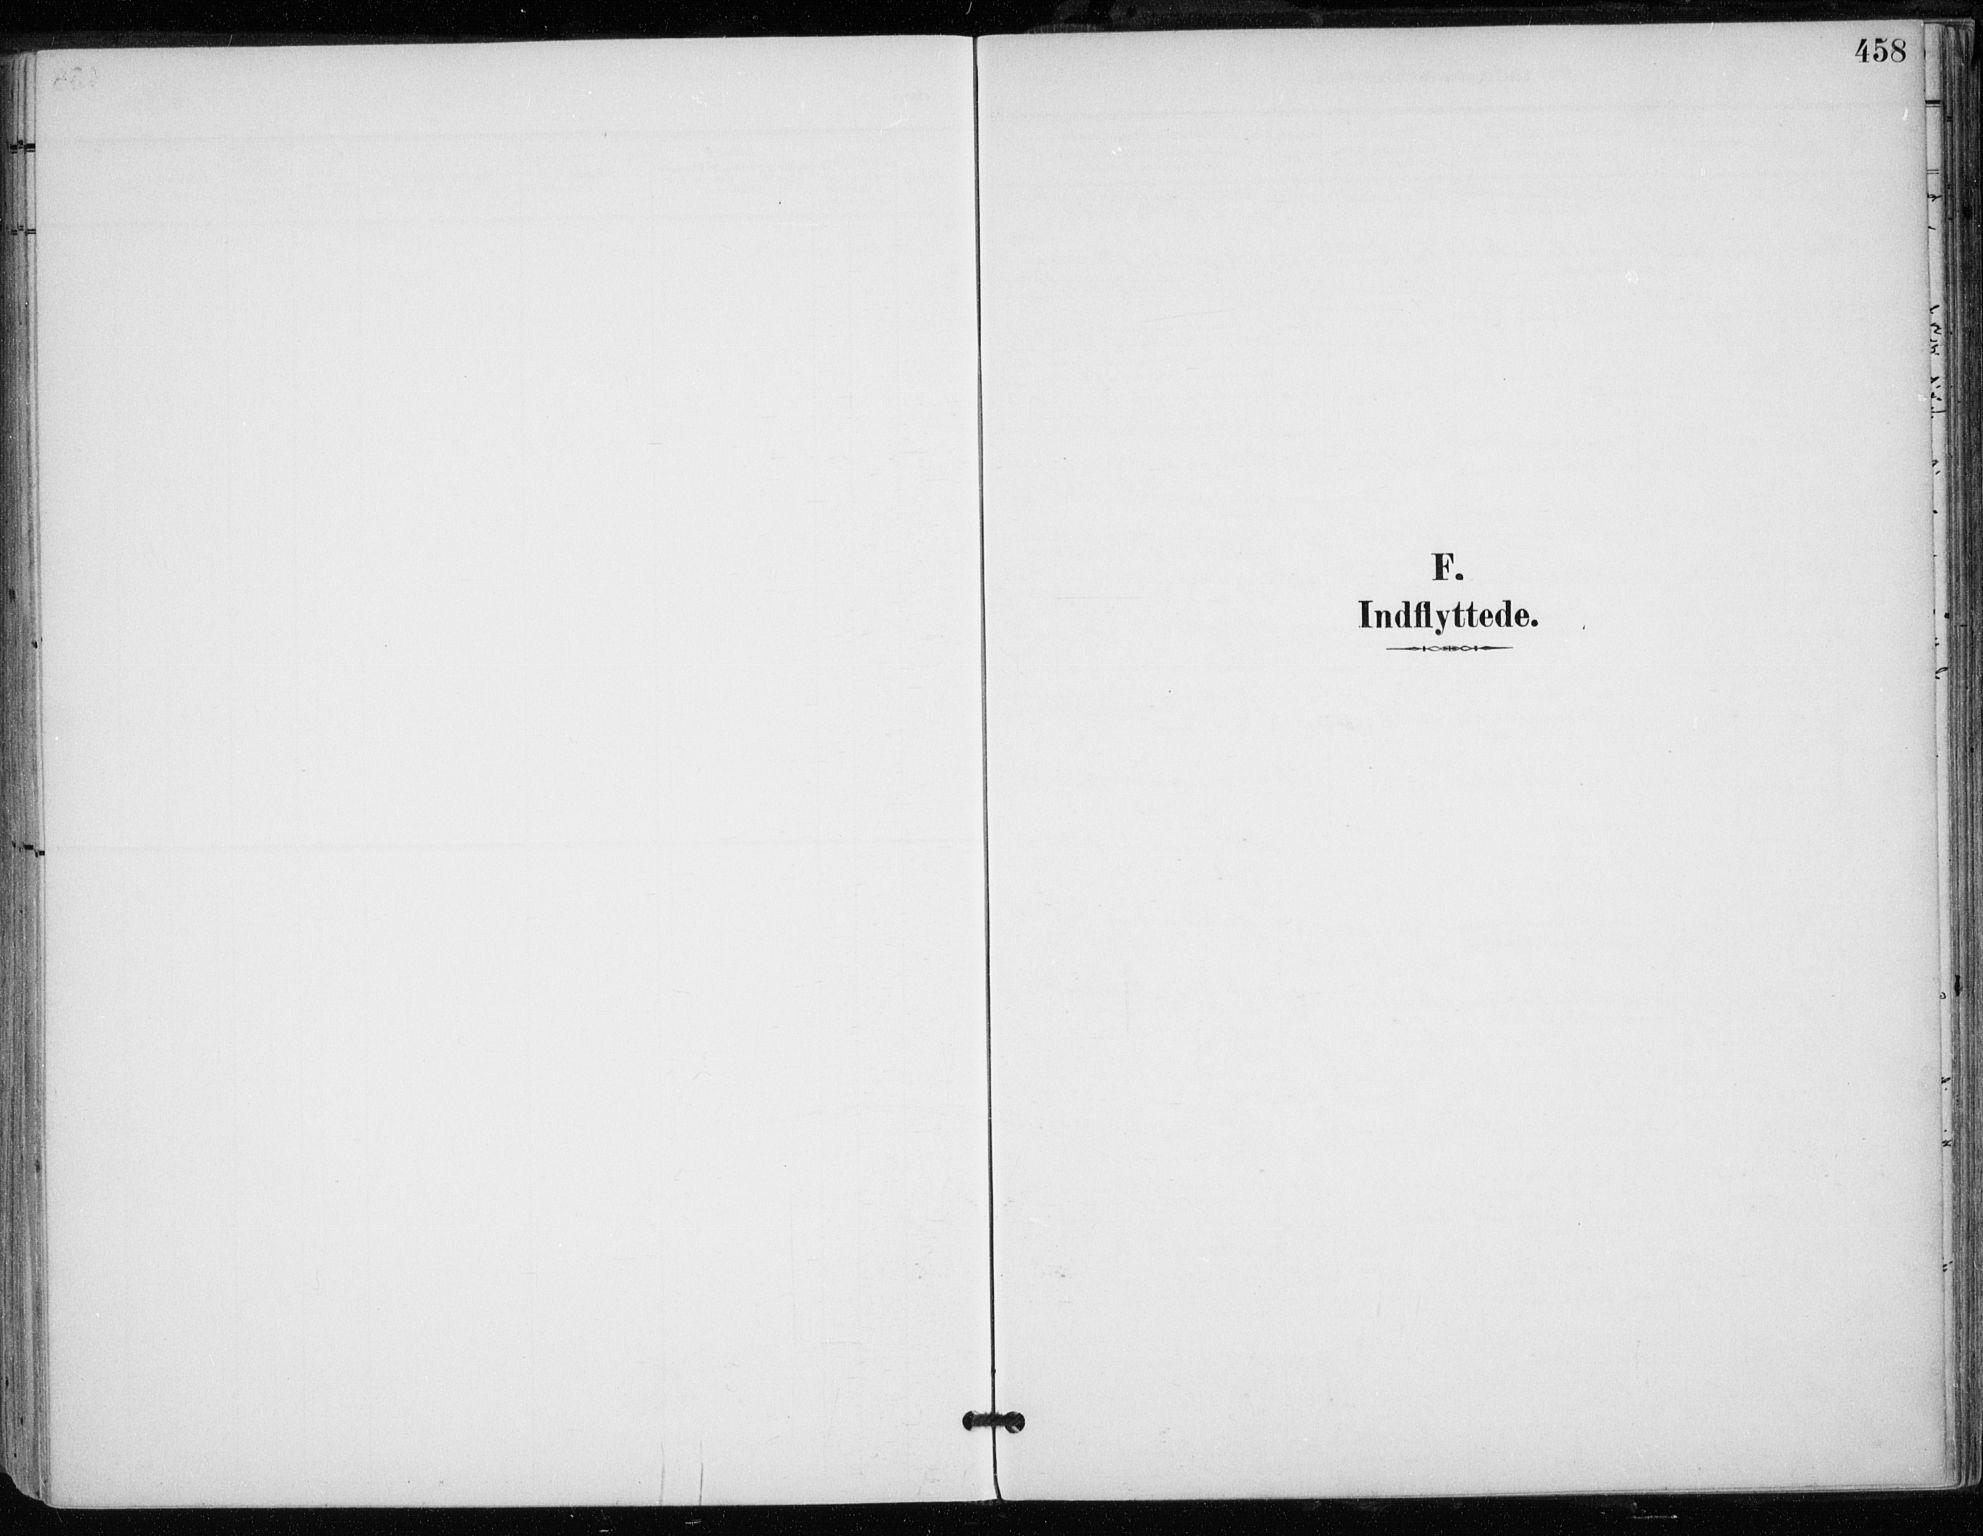 SATØ, Trondenes sokneprestkontor, H/Ha/L0017kirke: Ministerialbok nr. 17, 1899-1908, s. 458